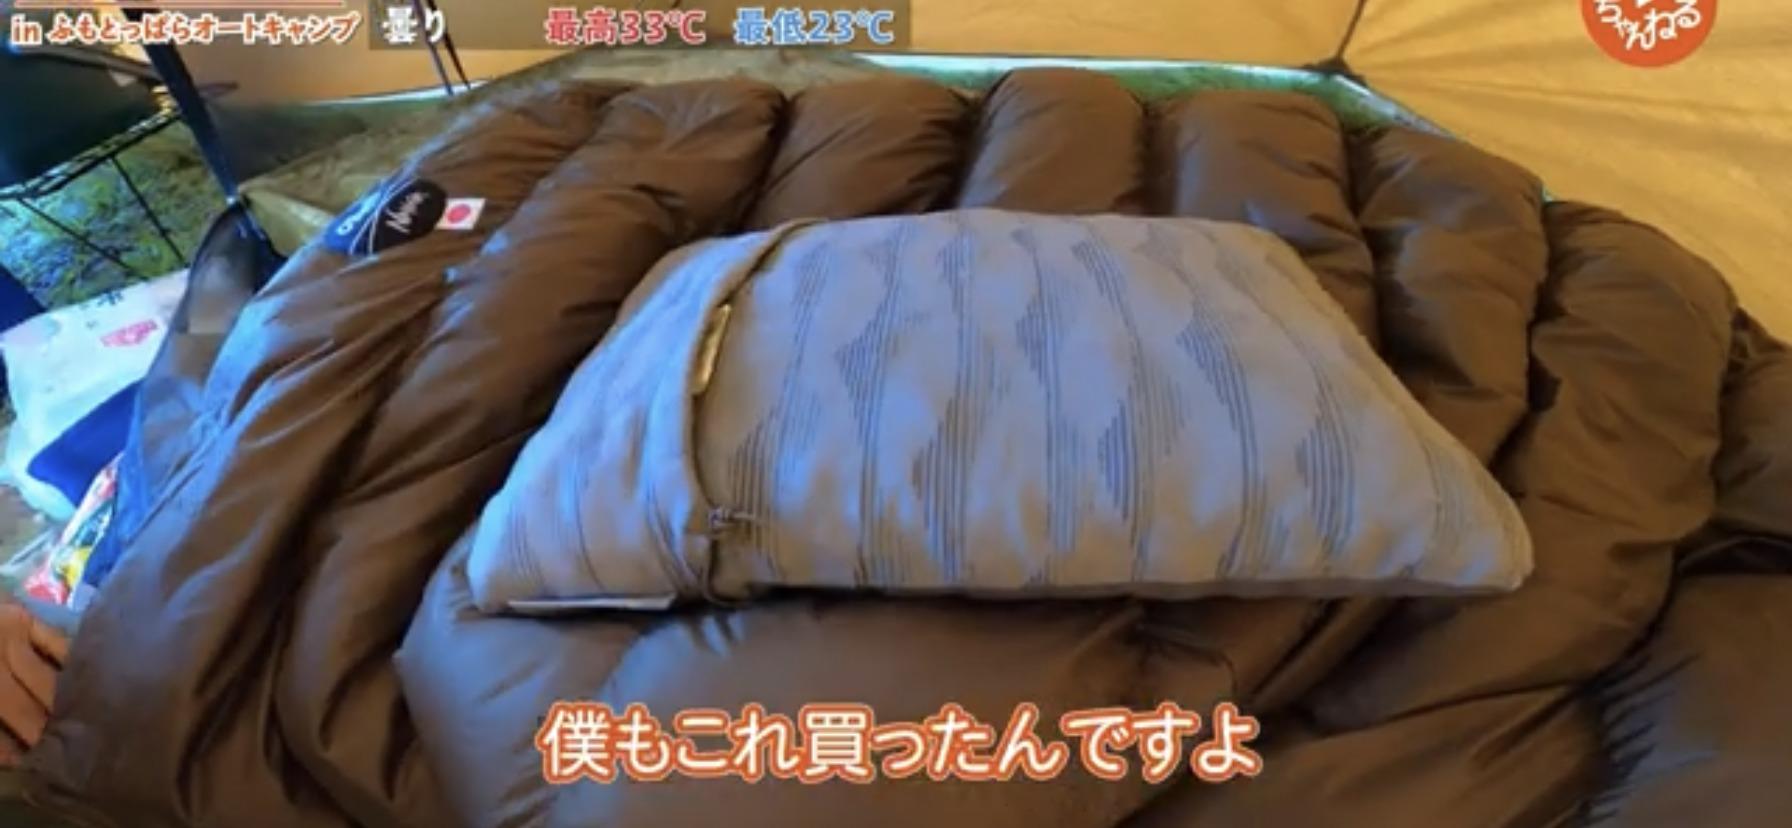 枕:【サーマレスト】ピロー